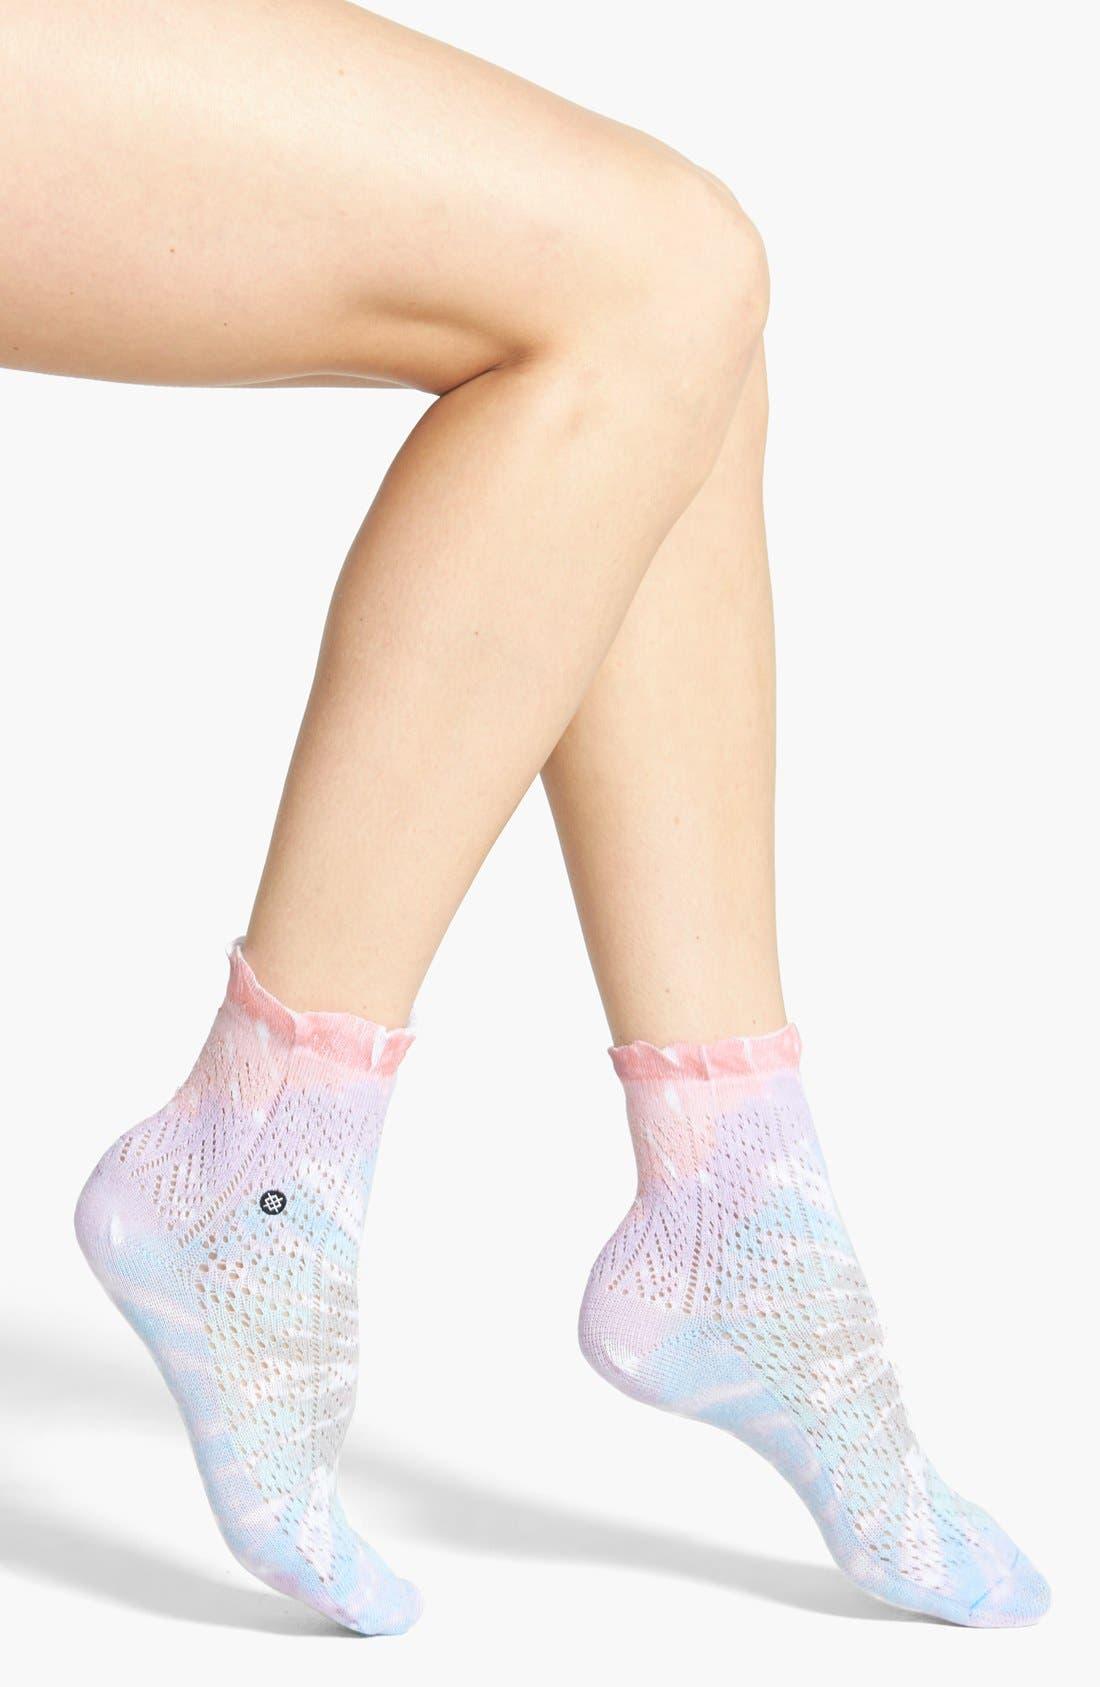 Alternate Image 1 Selected - Stance 'Chloe' Tie-Dye Ankle Socks